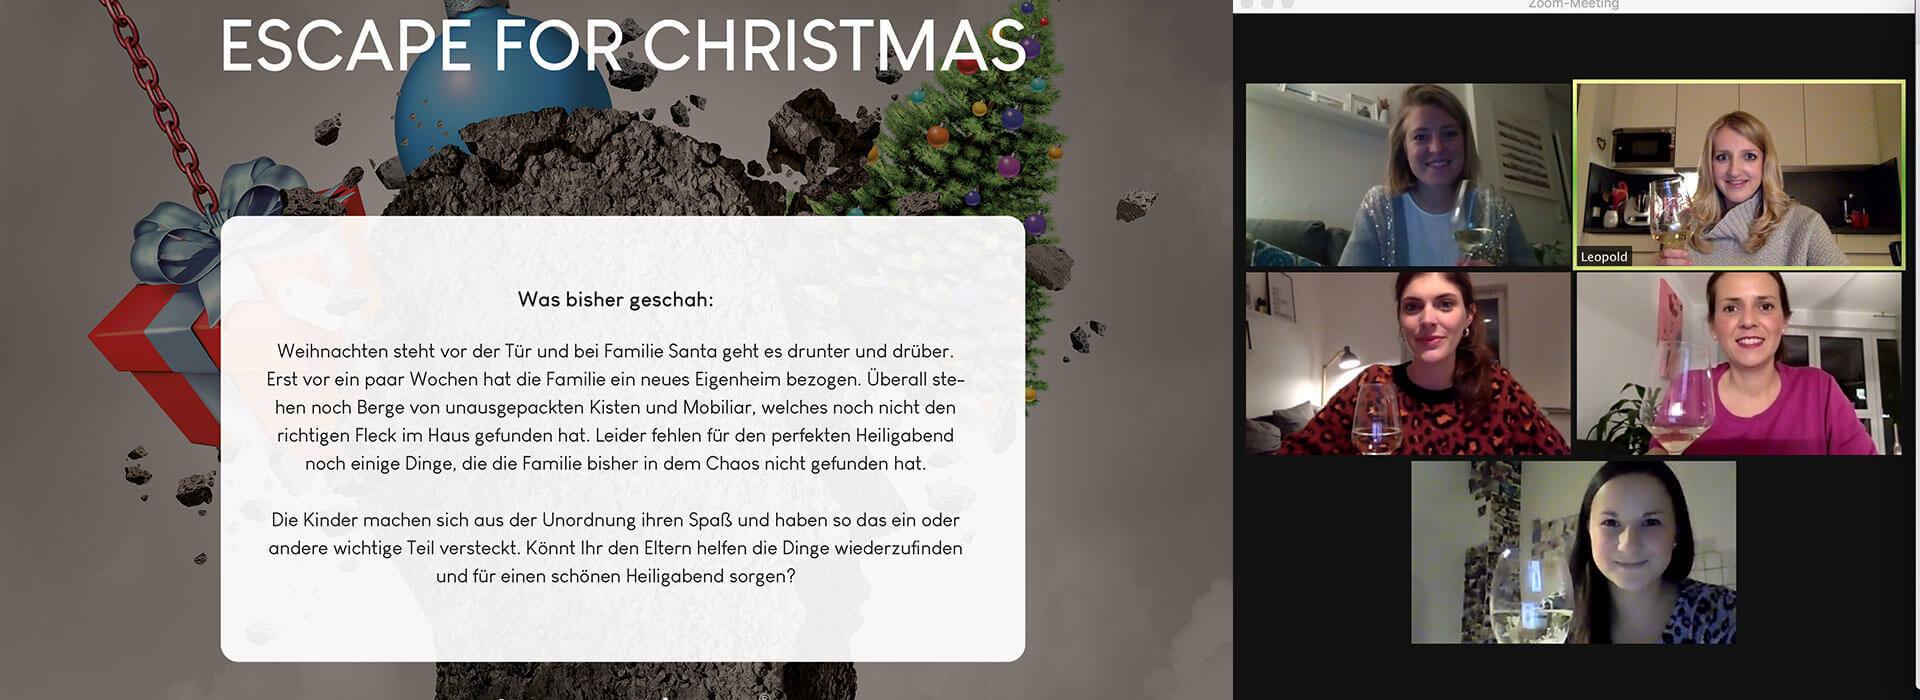 Virtuelle Weihnachtsfeier Online Christmas Escape